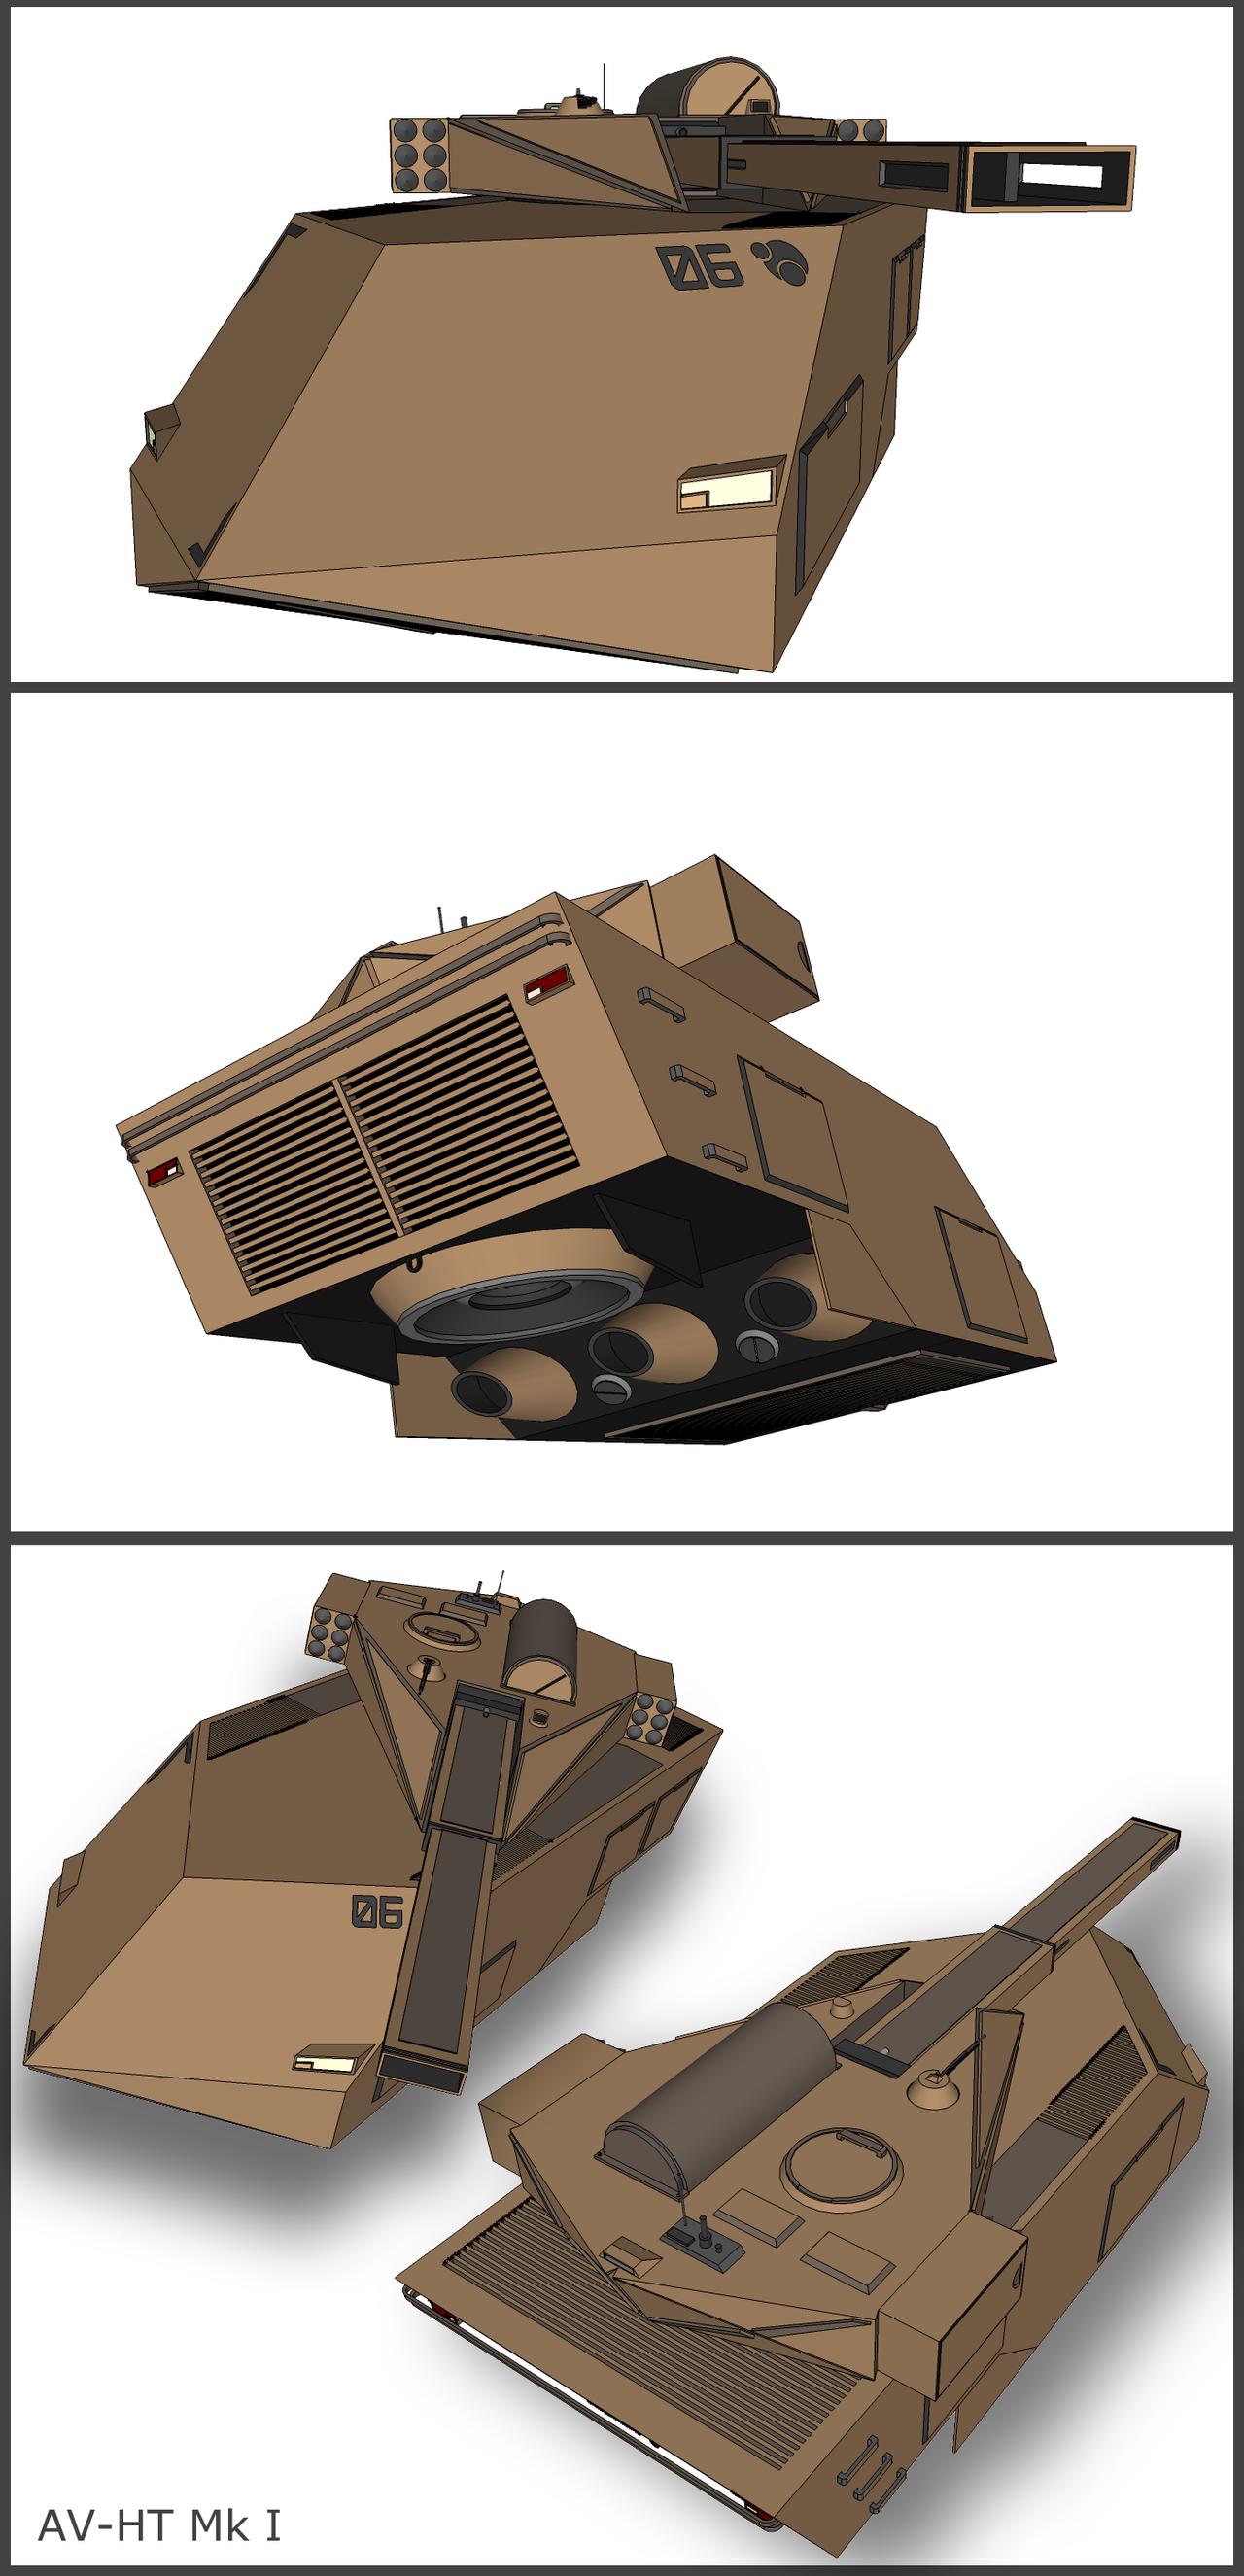 AV-HT Mk 1 by Styrox-Art